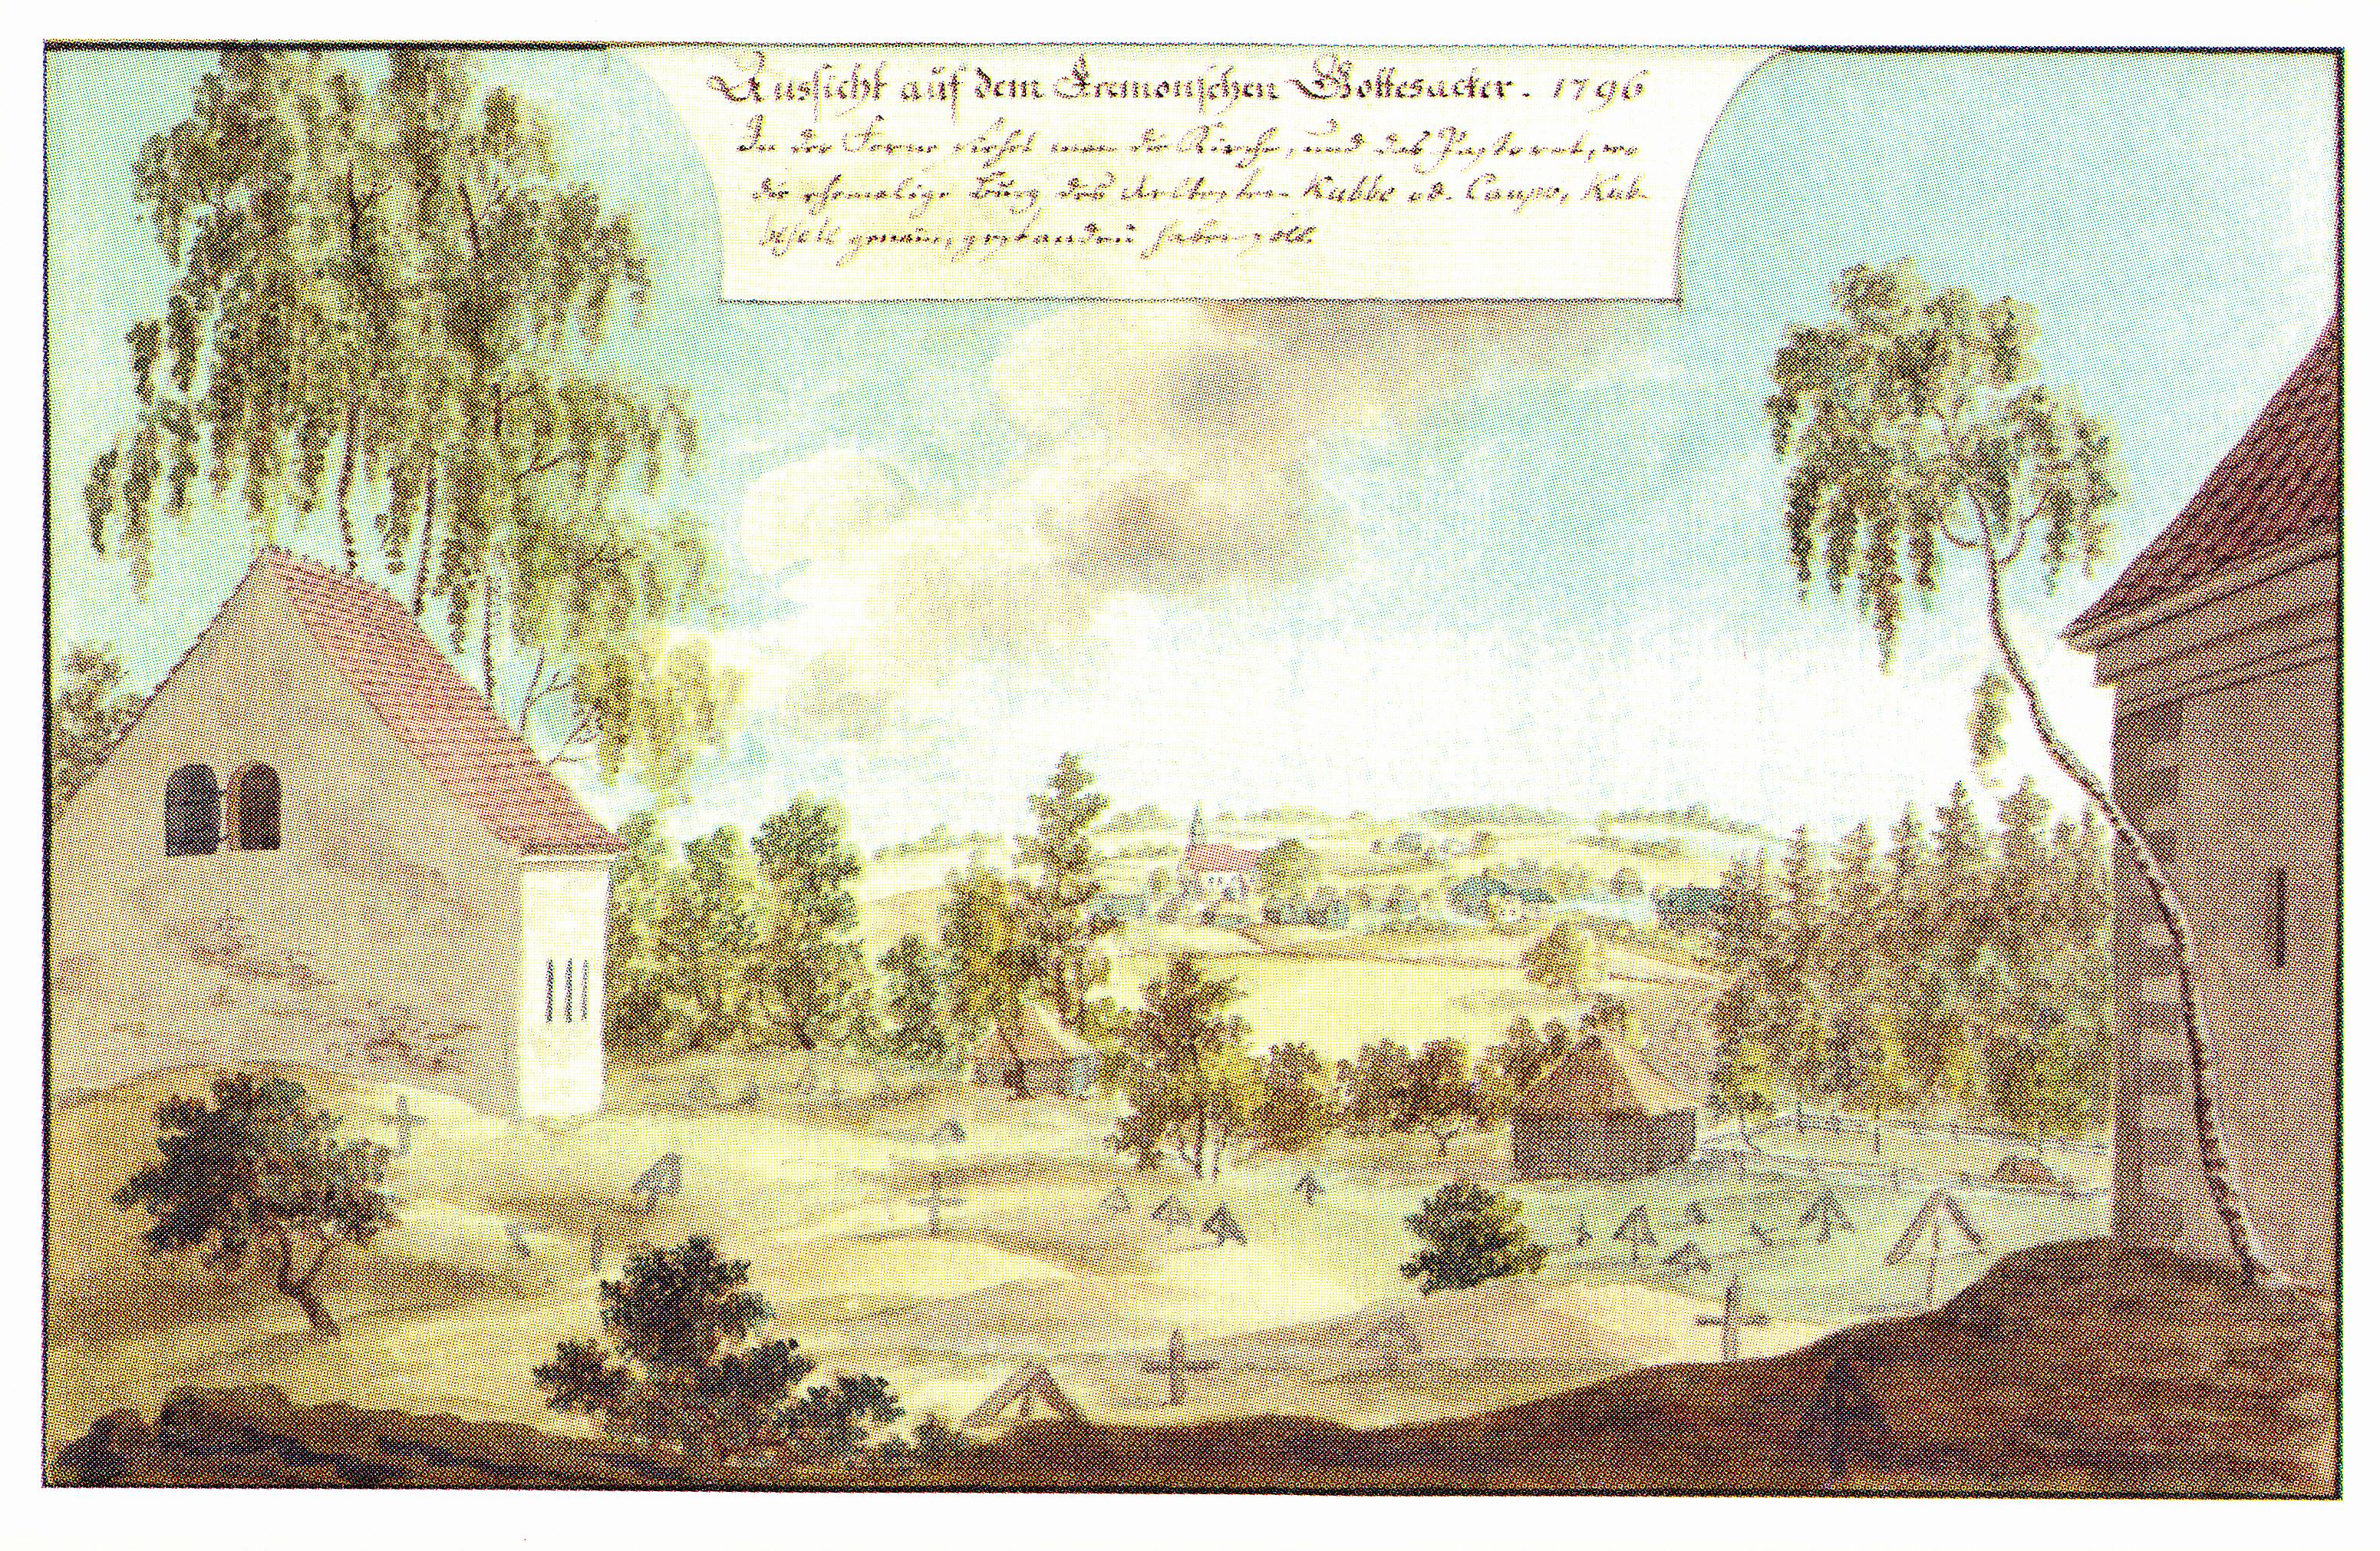 Вид на Кримулдскую церковь. Рисунок И.К. Броце, 1796 год.